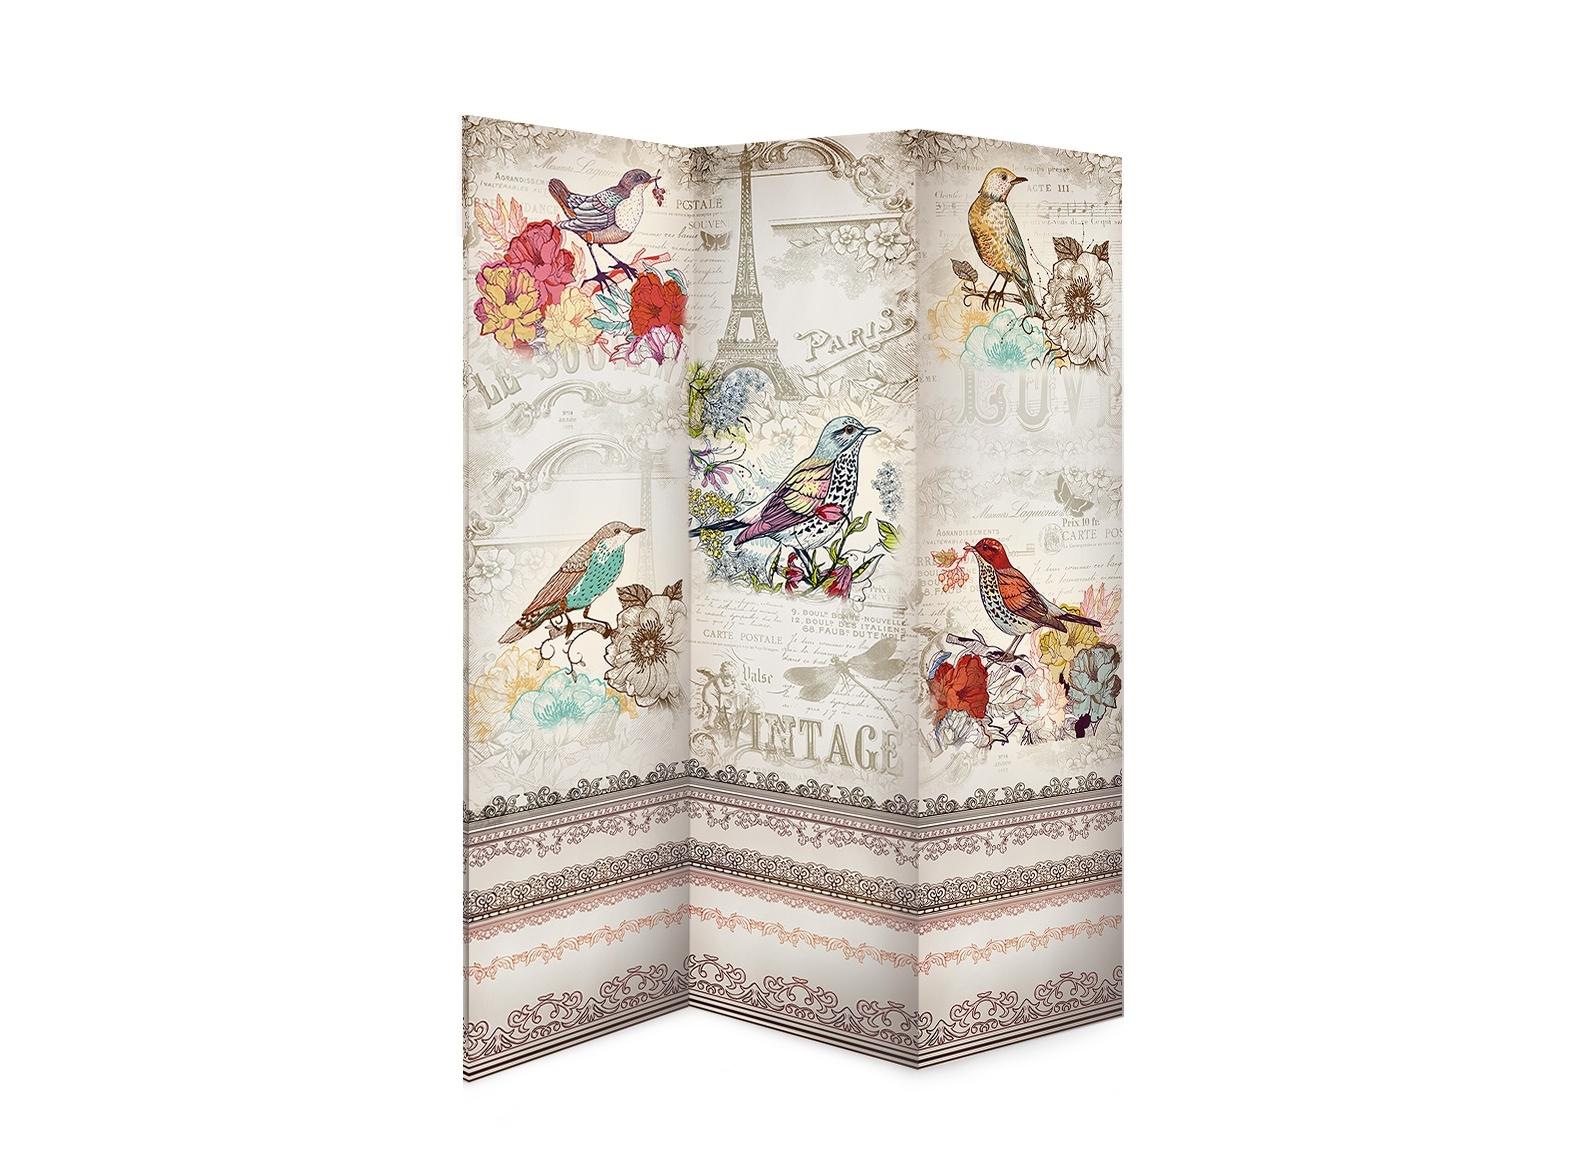 Ширма Vintage birdsШирмы<br>Односторонняя ширма из коллекции Catherine D&amp;quot;argent.&amp;lt;div&amp;gt;&amp;lt;br&amp;gt;&amp;lt;/div&amp;gt;&amp;lt;div&amp;gt;Материал: нетканный материал, пигментные краски.&amp;lt;br&amp;gt;&amp;lt;/div&amp;gt;<br><br>Material: Дерево<br>Width см: 150<br>Depth см: 7<br>Height см: 180